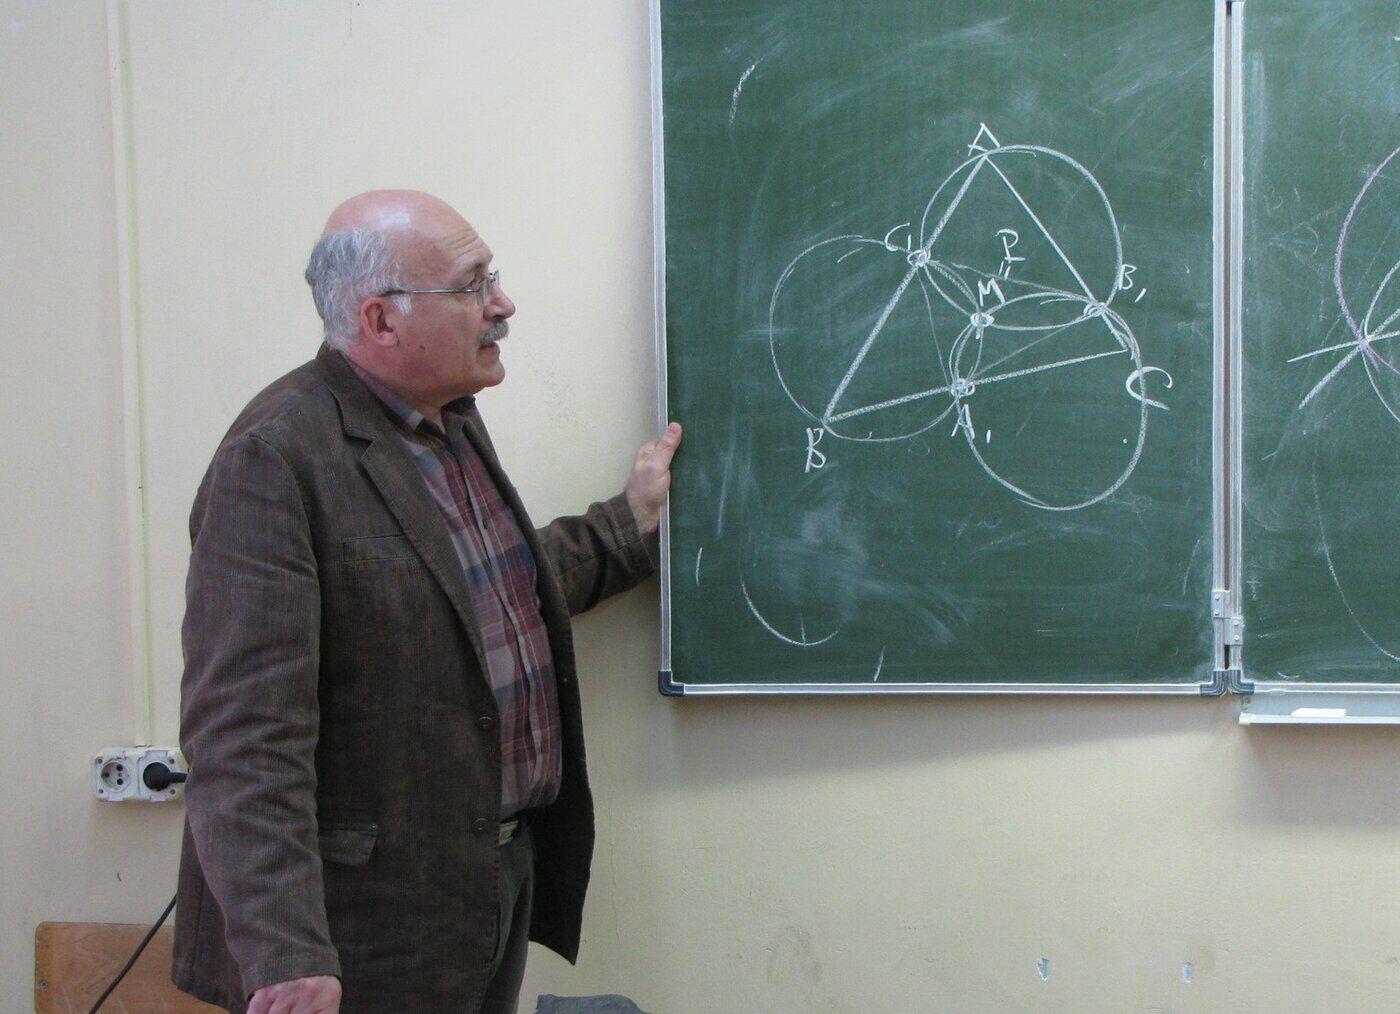 Поздравляем Владимира Натановича Дубровского с 50-летием работы в Интернате!